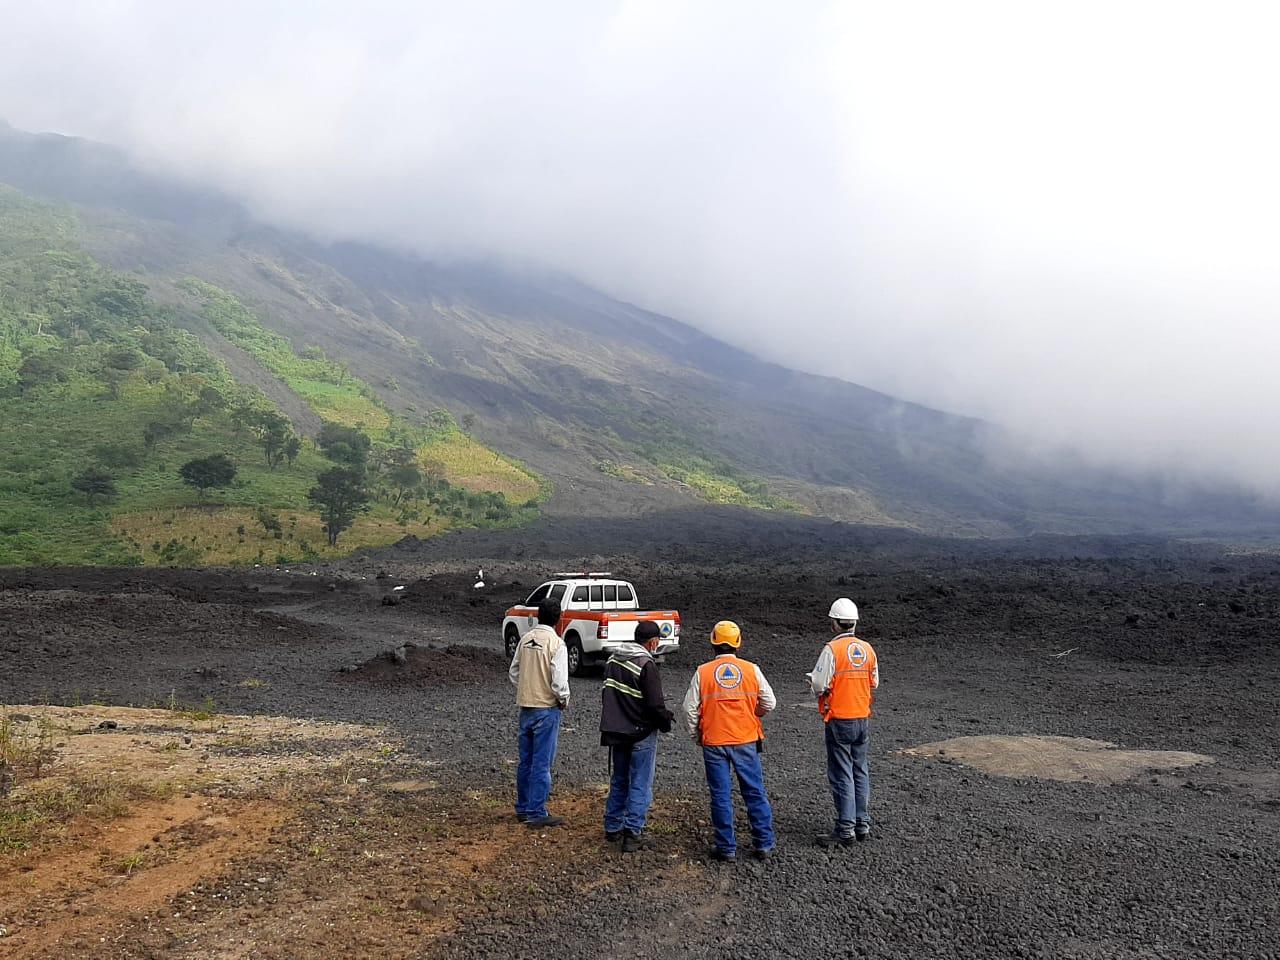 Conred verifica el volcán de Pacaya